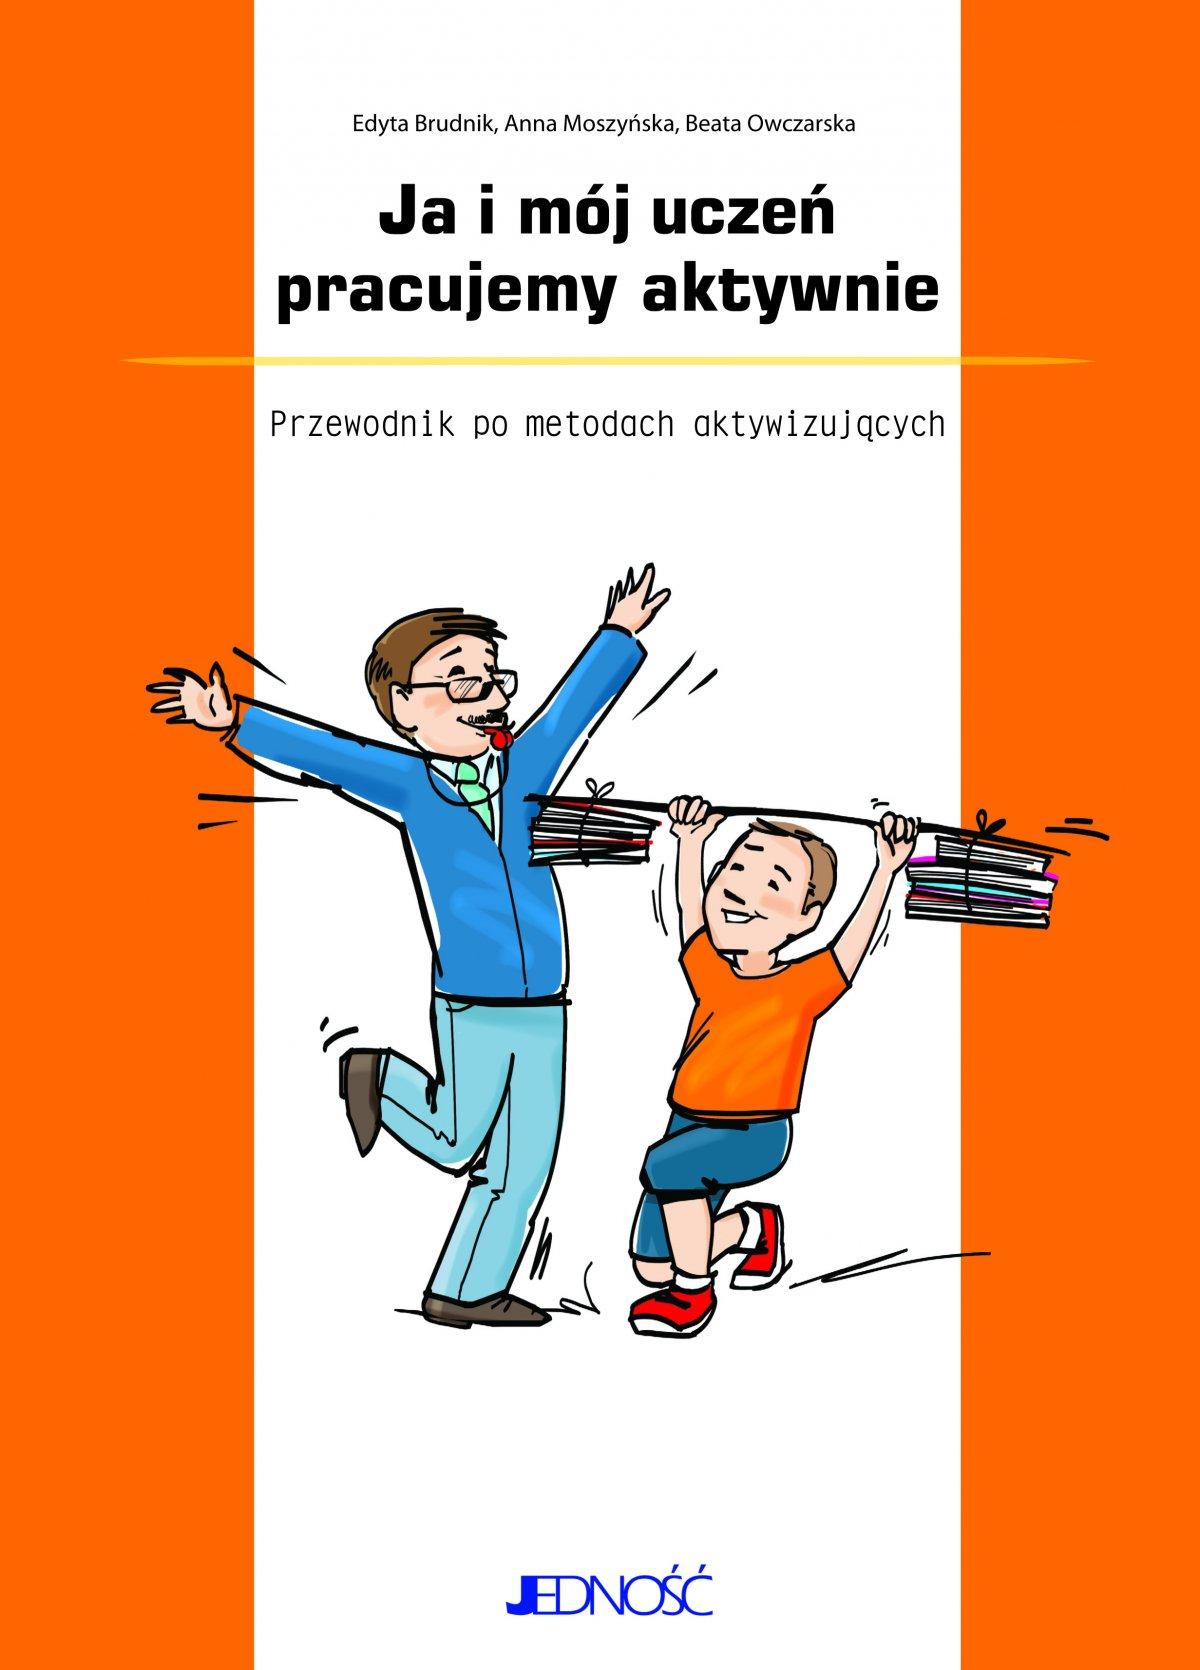 Ja i mój uczeń pracujemy aktywnie. Przewodnik po metodach aktywizujących. - Ebook (Książka PDF) do pobrania w formacie PDF